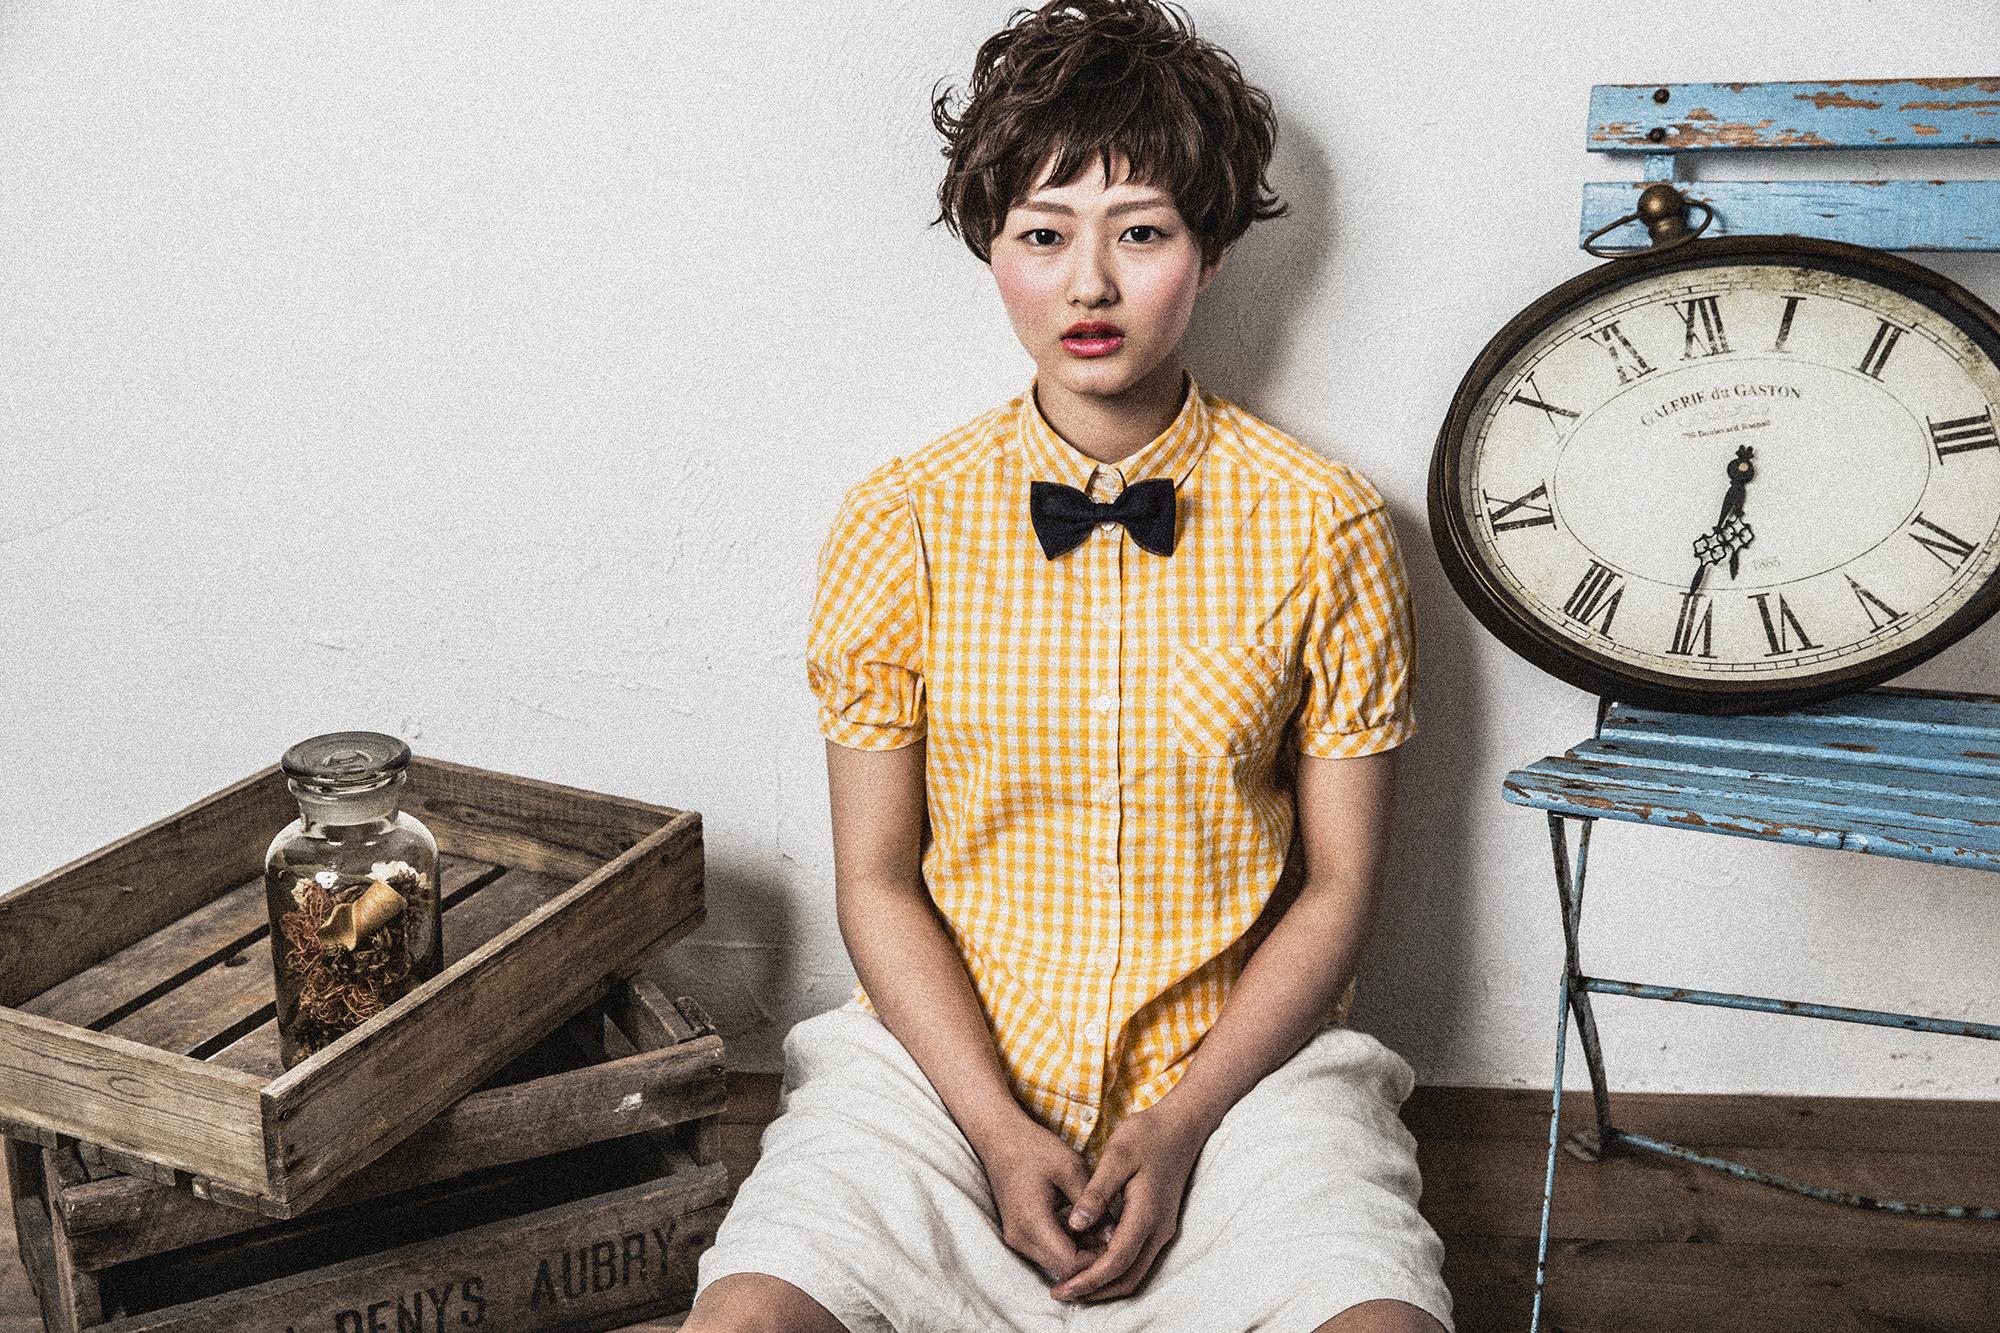 ツーブロックのショートスタイル 亀有美容師木暮のブログ